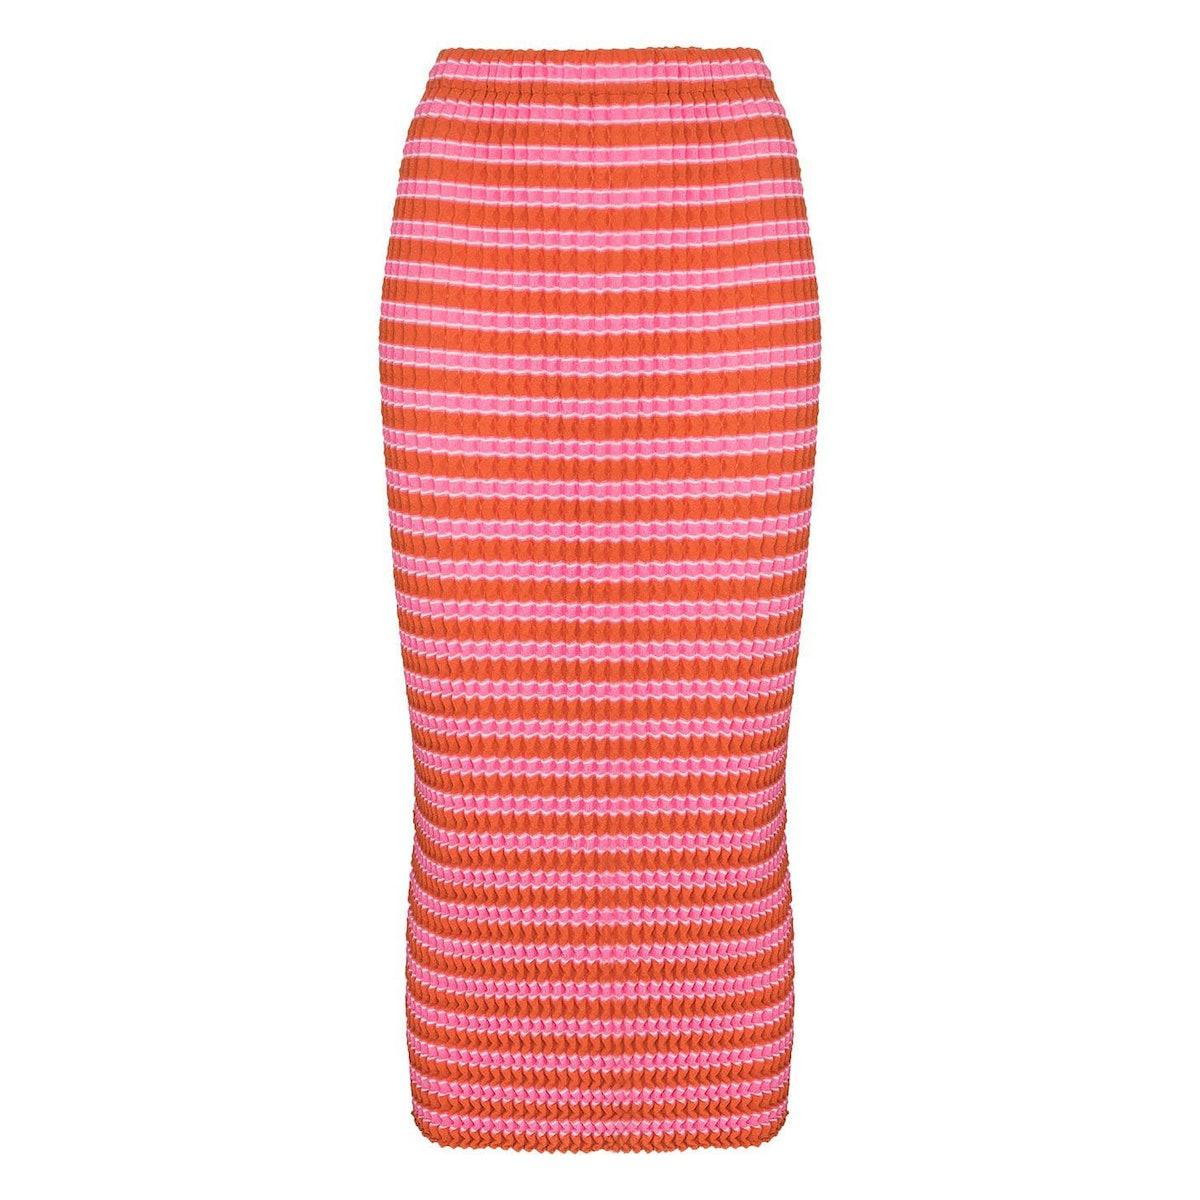 Issey Miyake Spongy striped midi skirt